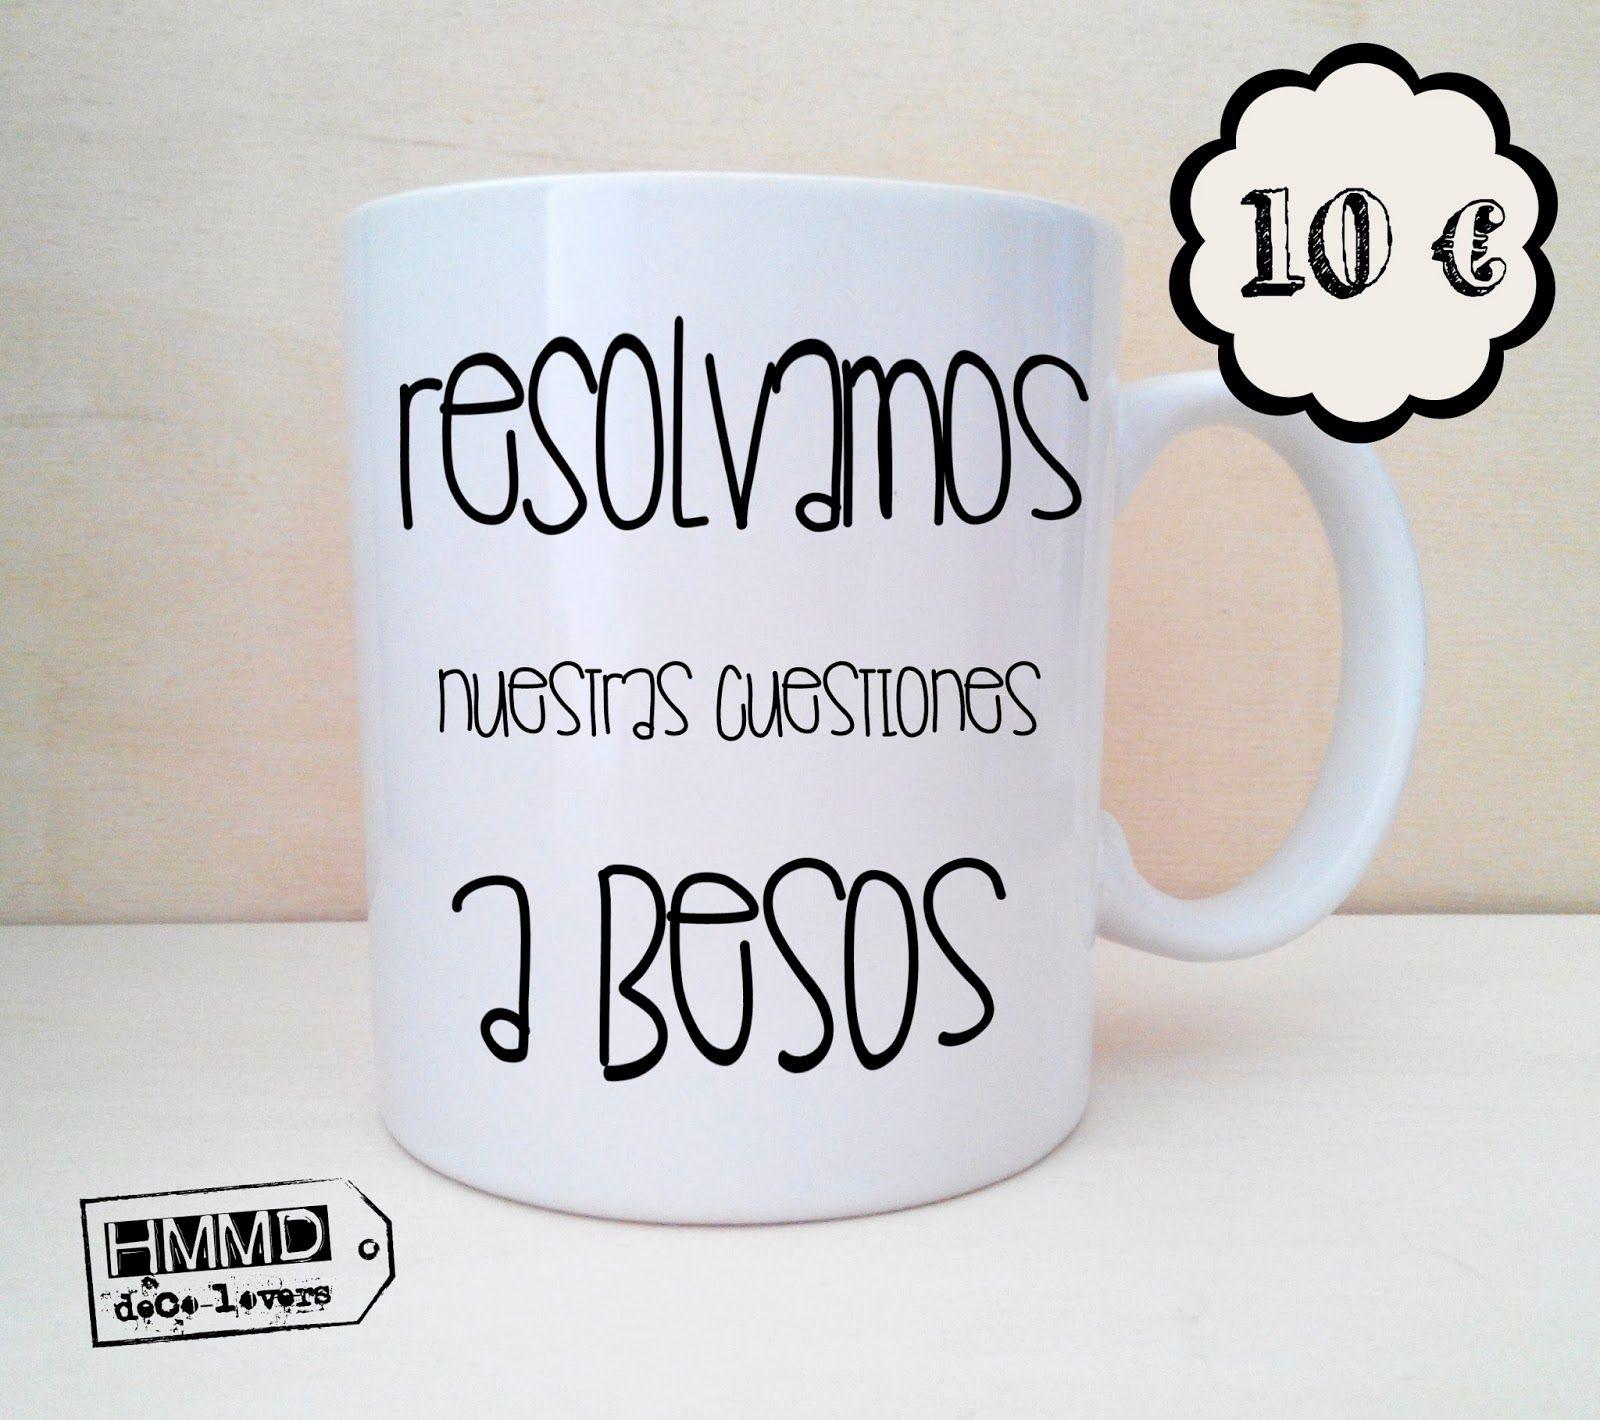 Colecci n de tazas in love in love mugs collection - Regalos de san valentin para el ...